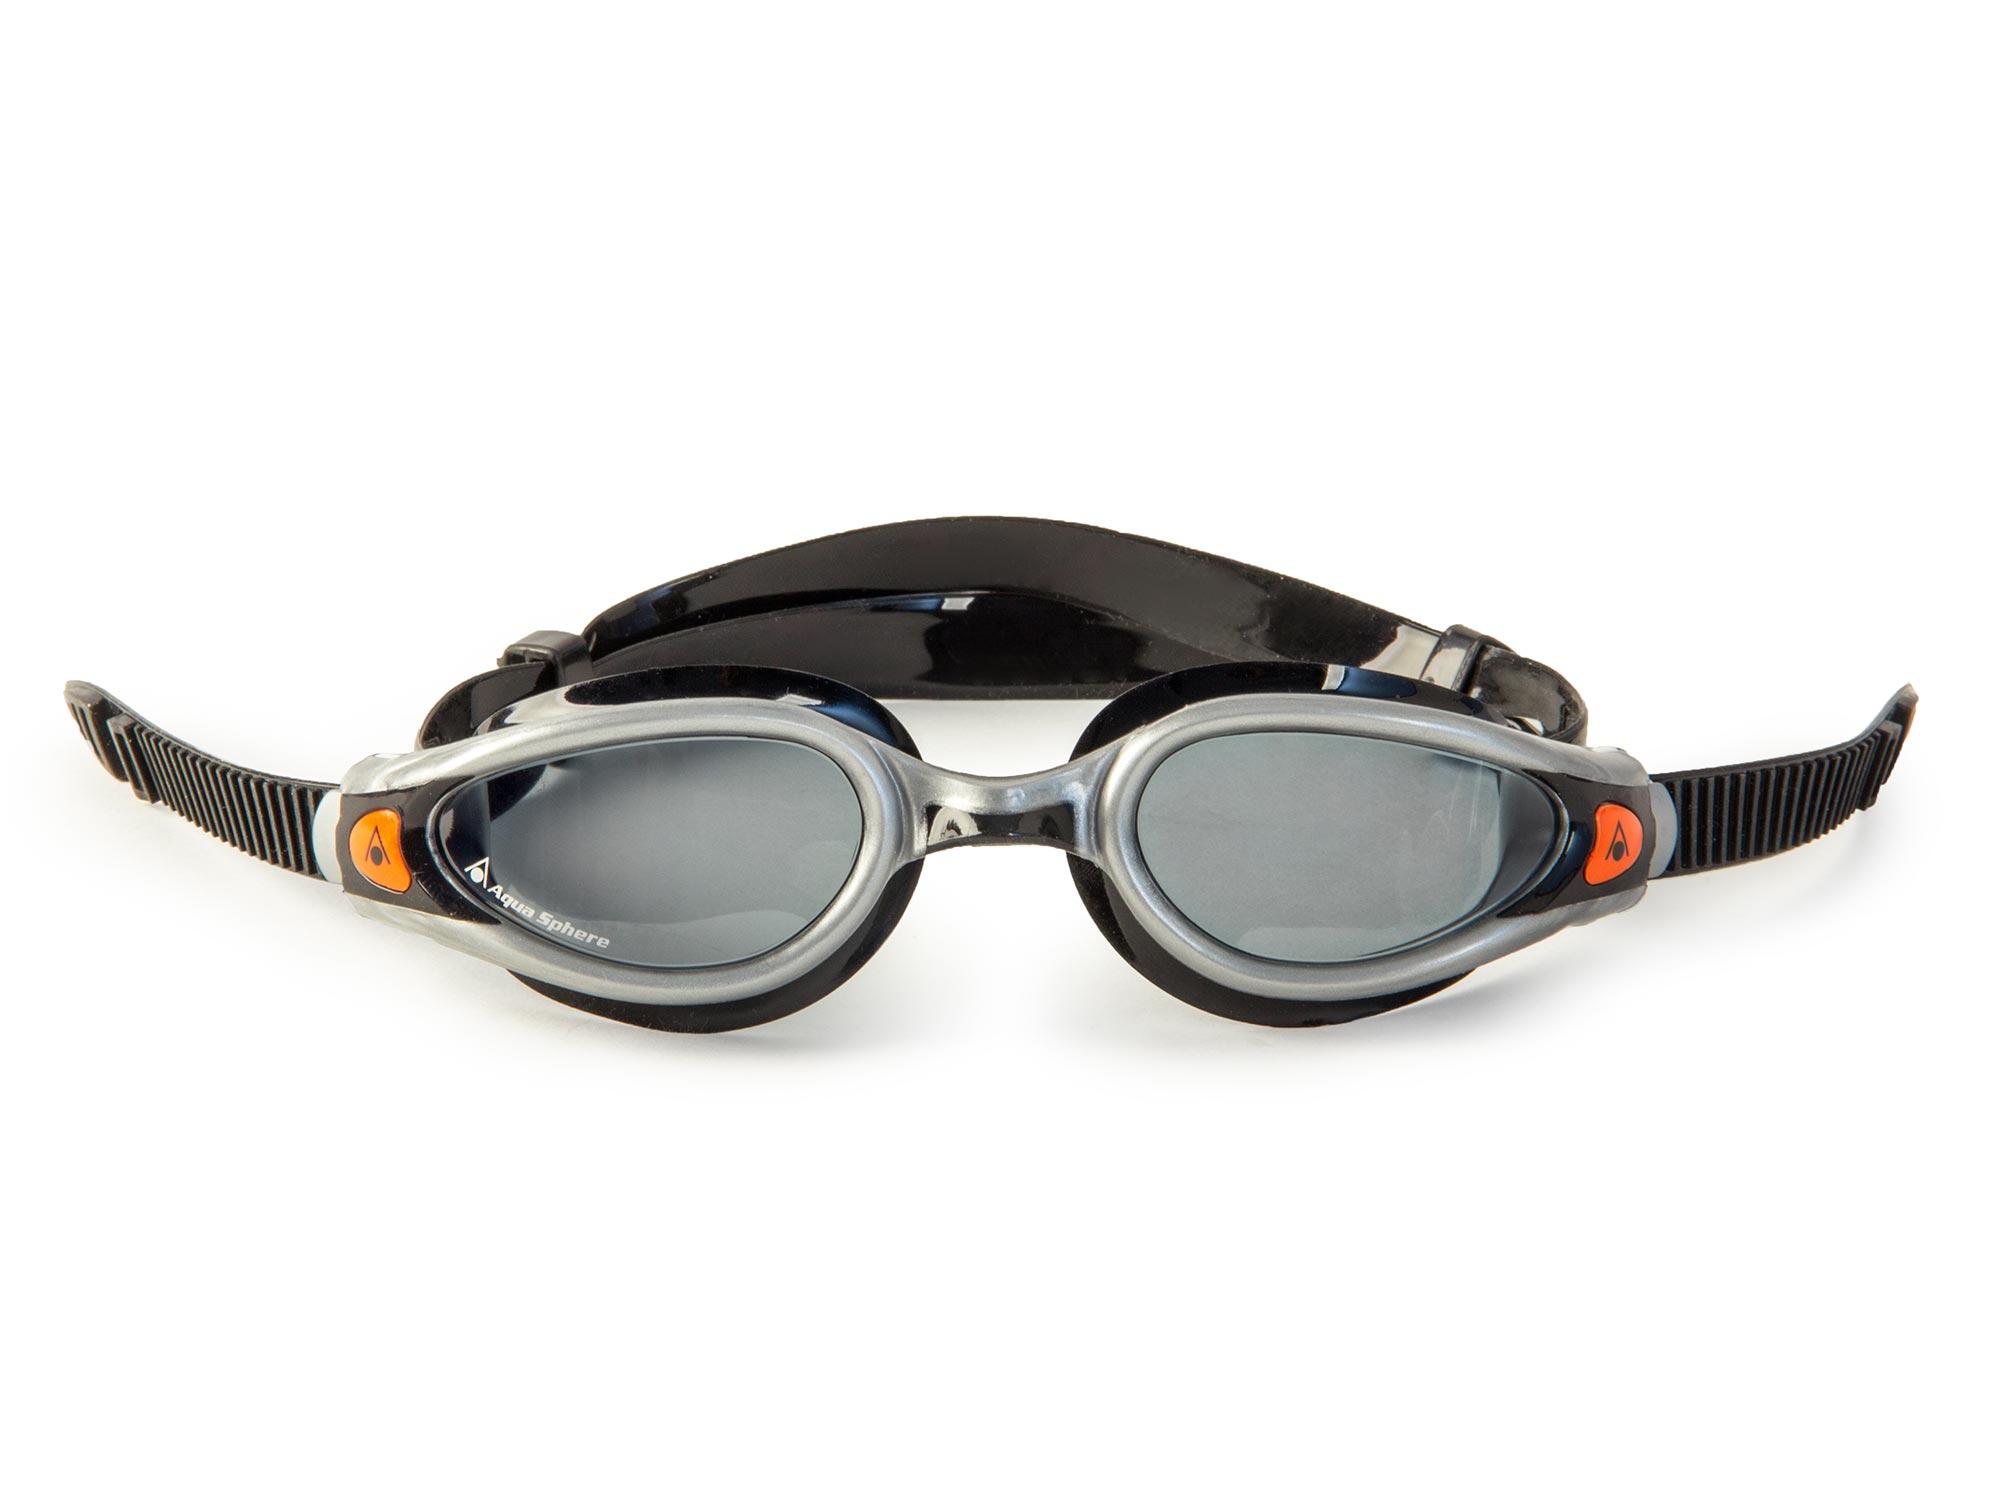 Заказать очки гуглес в нефтекамск mariner квадрокоптер